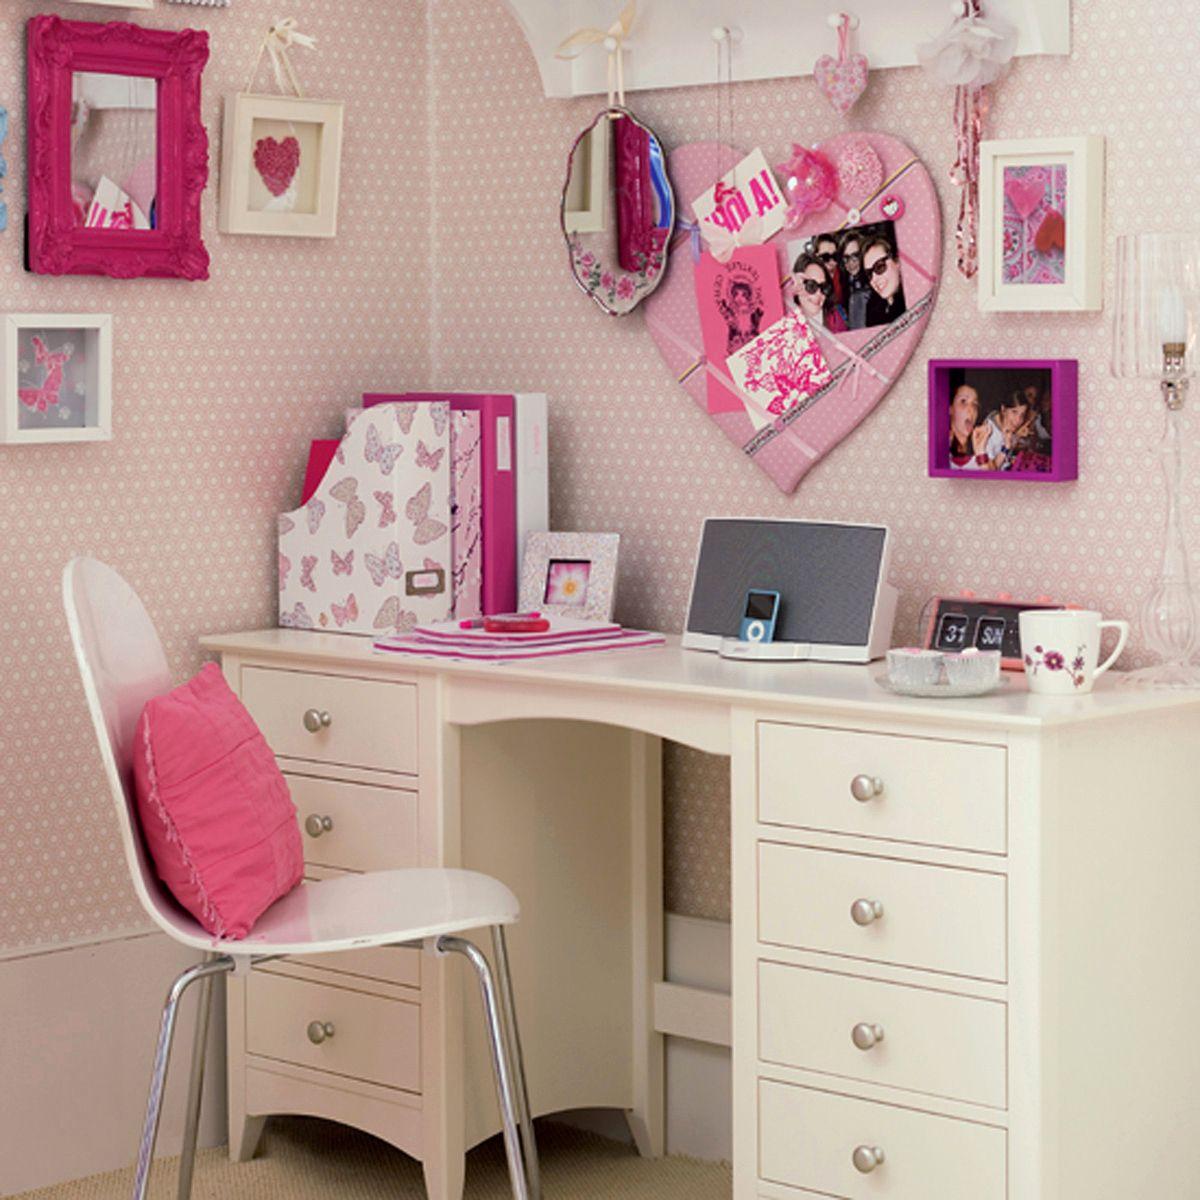 Weisse Schreibtisch Stuhl Basic Burostuhl Studie Stuhl Kosten Brown Leder Schreibtisch Stuhl Komfor Jugendzimmer Gestalten Schreibtisch Madchen Schlafzimmer Diy